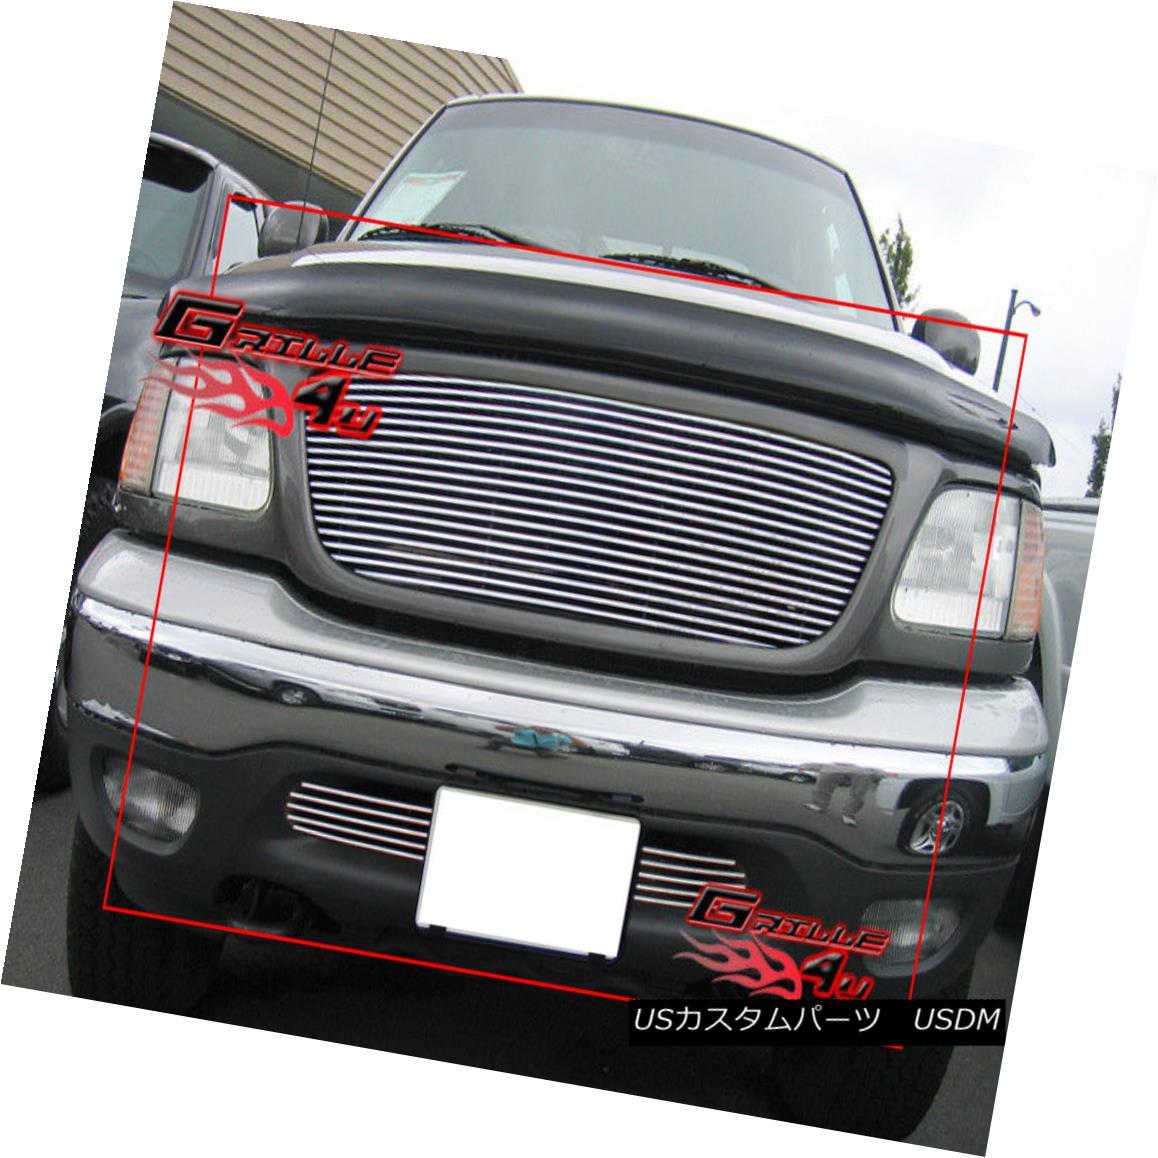 グリル For 99-03 Ford F-150 F150 4WD Billet Grille Combo Insert 99-03フォードF-150 F150 4WDビレットグリルコンボインサート